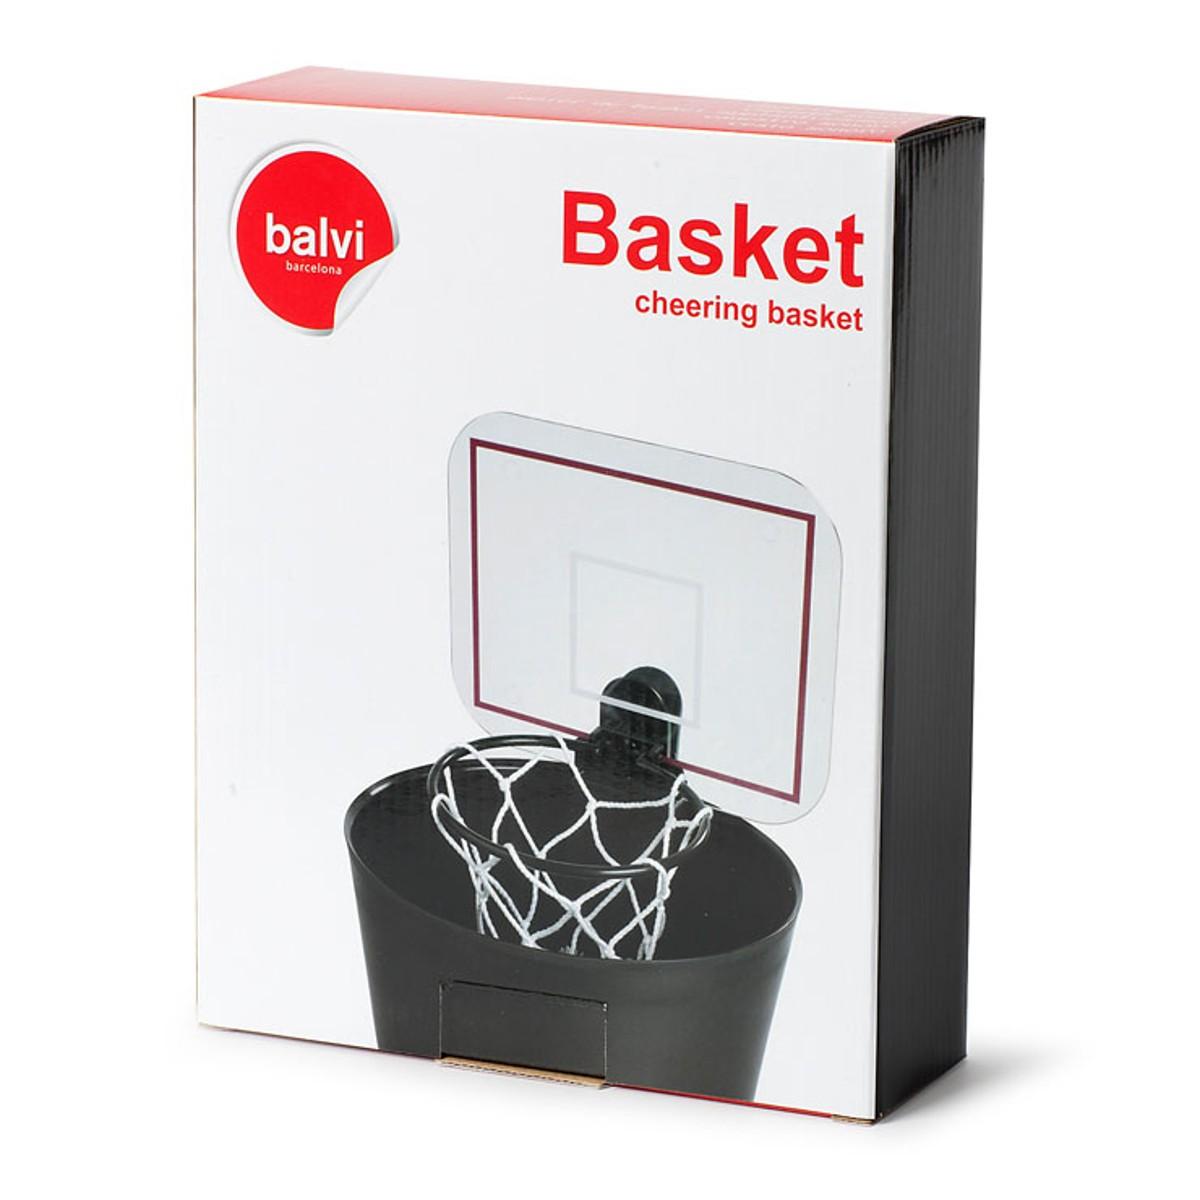 Prullenbak-basket met geluid!   Cadeautjes.nl